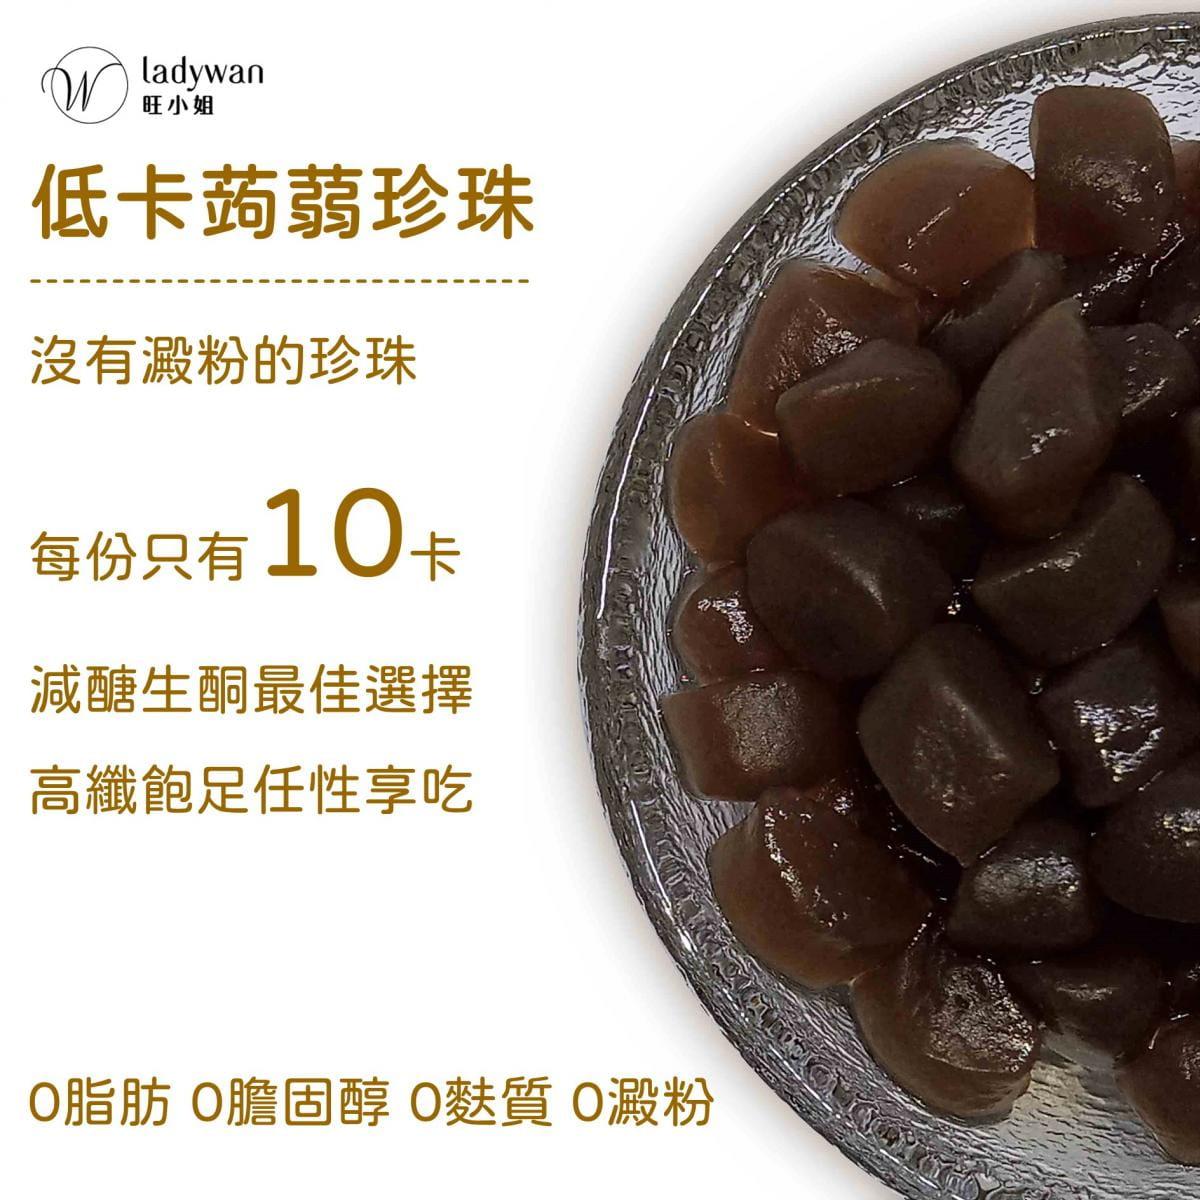 【ladywan旺小姐】低卡蒟蒻珍珠之選(純素)-每盒5包 0